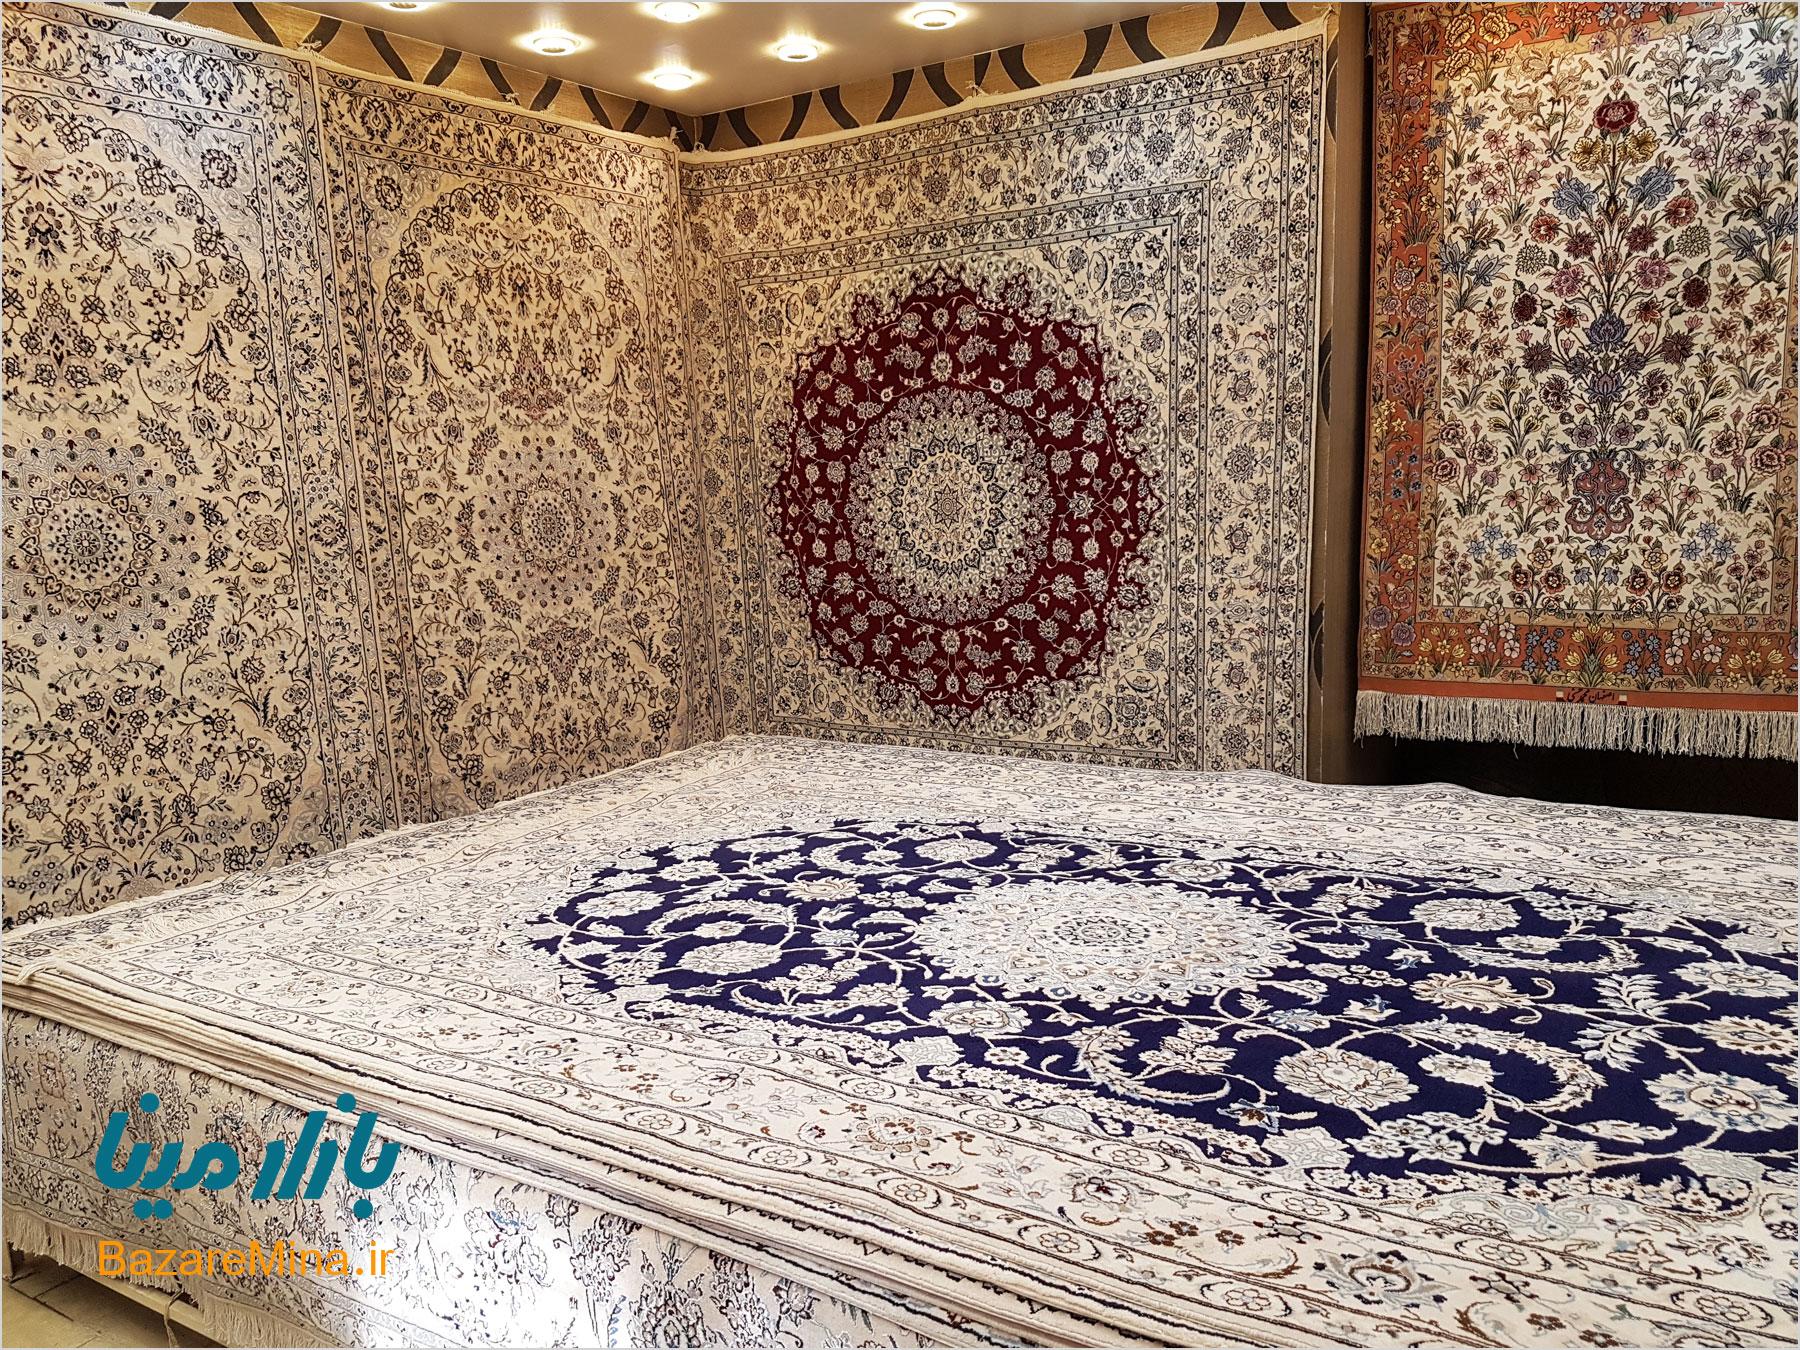 خرید صنایع دستی اصفهان